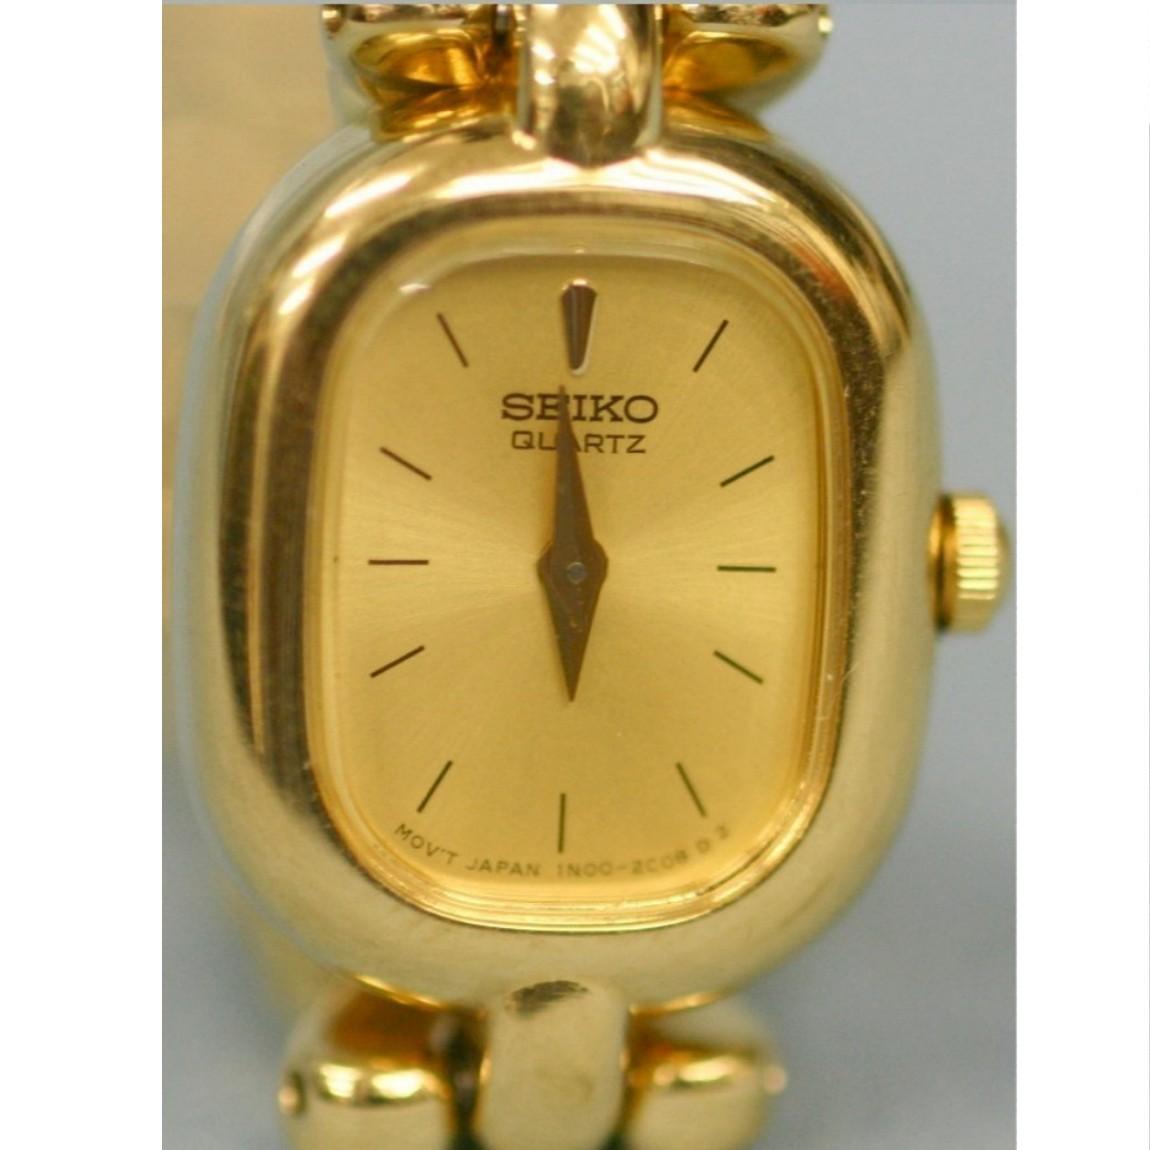 【中古】本物完動美品セイコー女性用ドレッシーな金色可愛い時計 211225